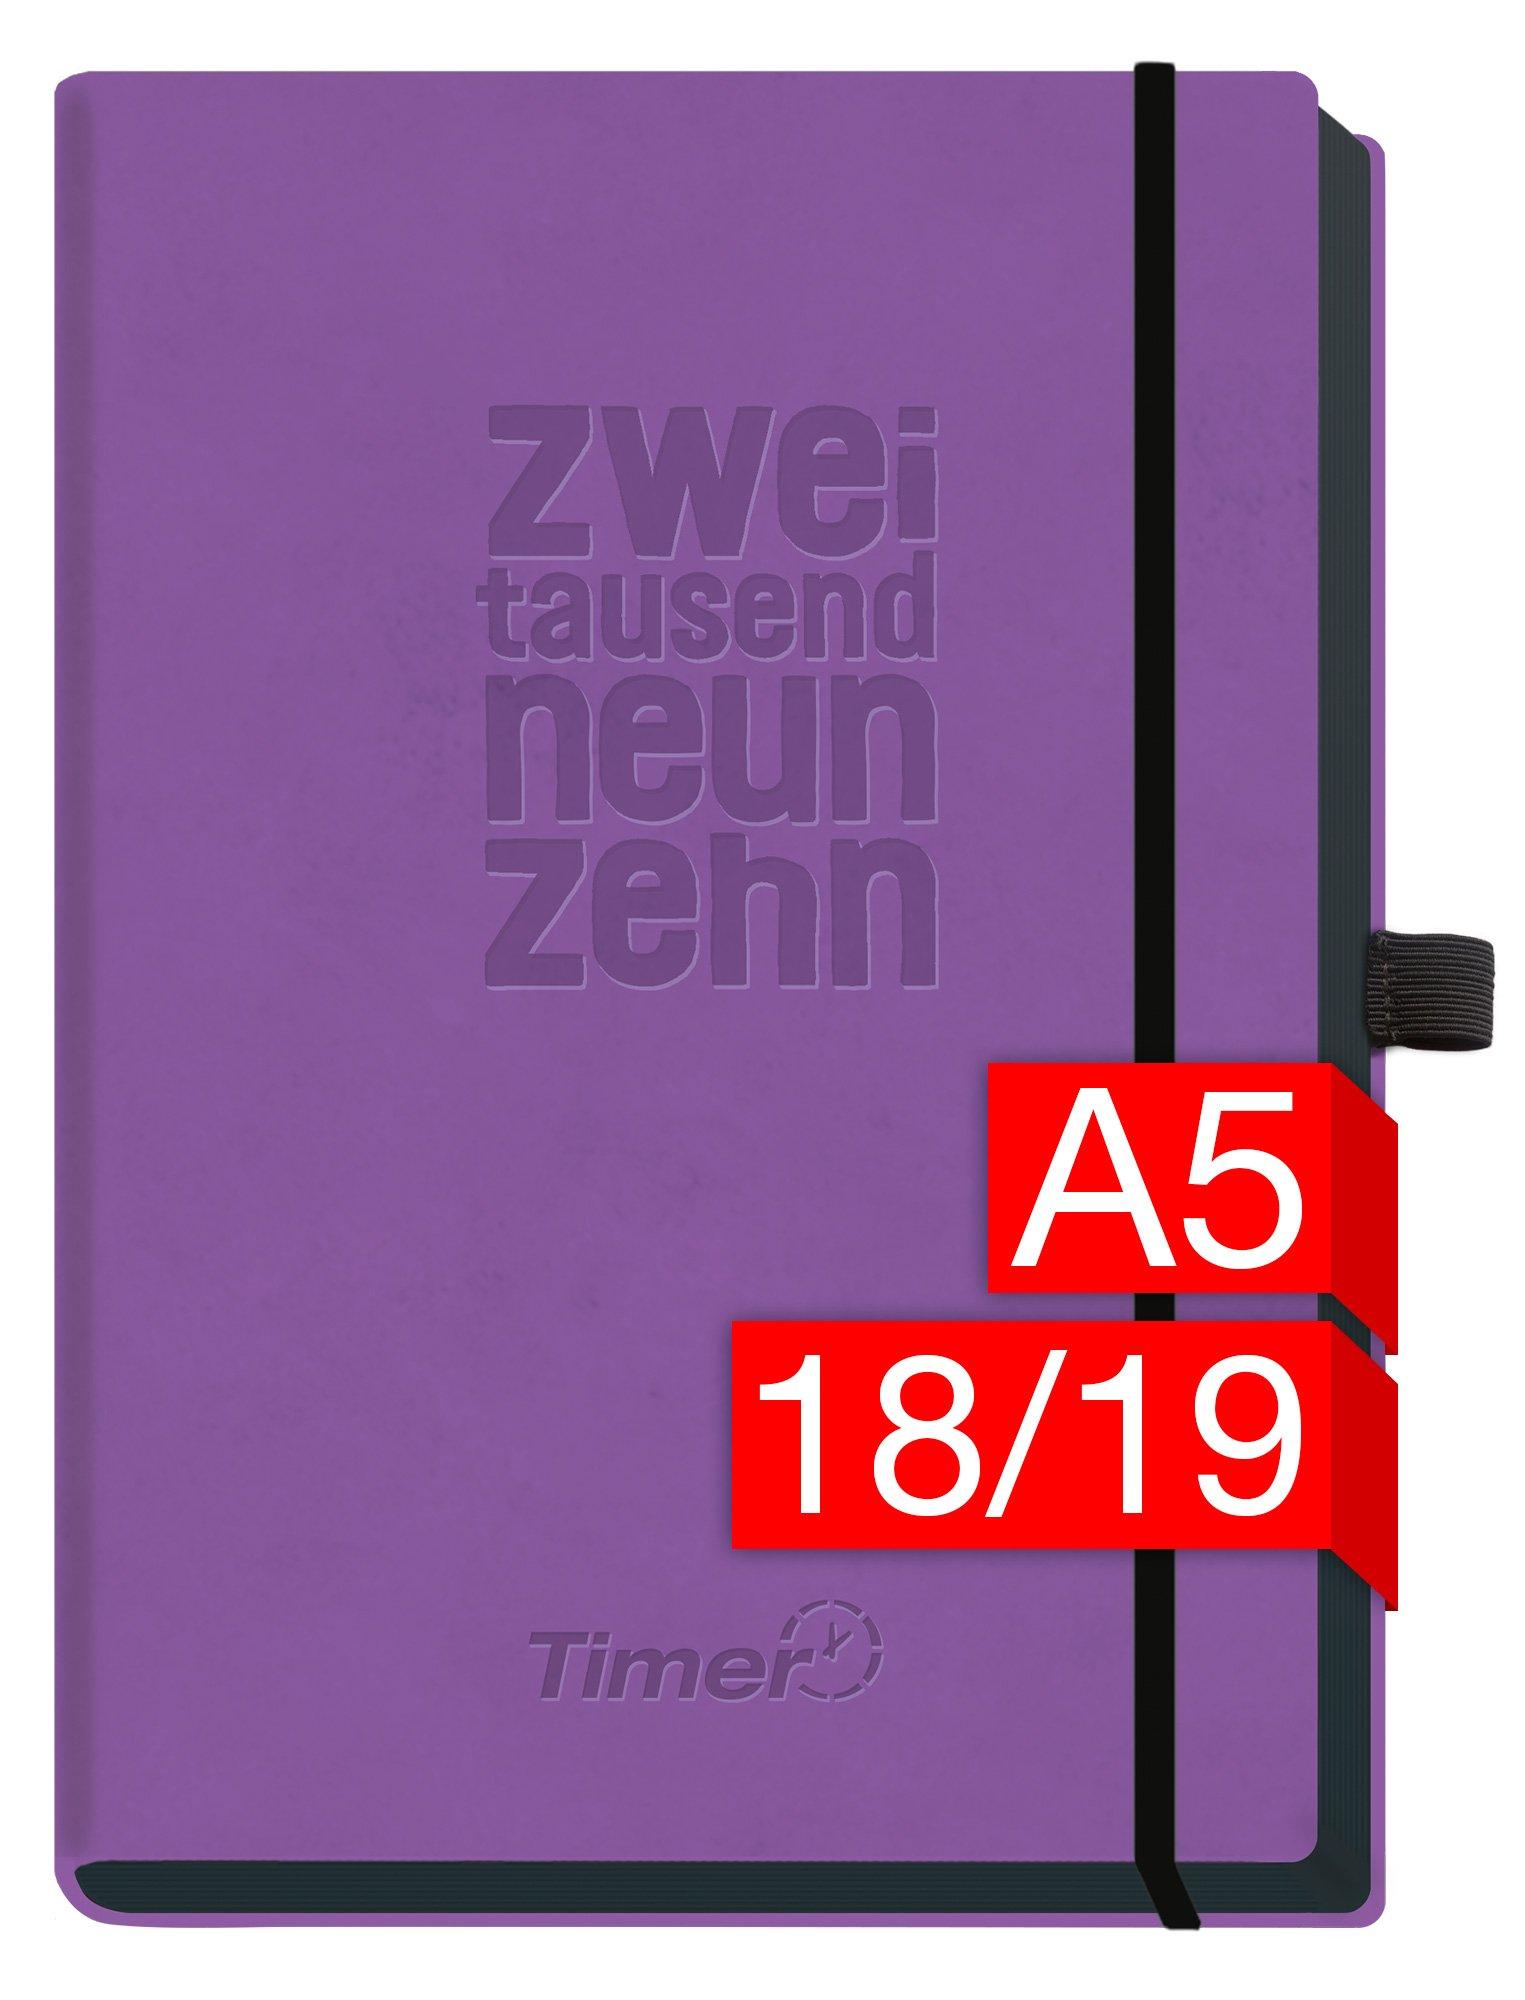 chff-timer-deluxe-a5-kalender-2018-2019-lila-18-monate-juli-2018-dezember-2019-gummiband-einstecktasche-stifthalter-terminkalender-mit-wochenplaner-organizer-wochenkalender